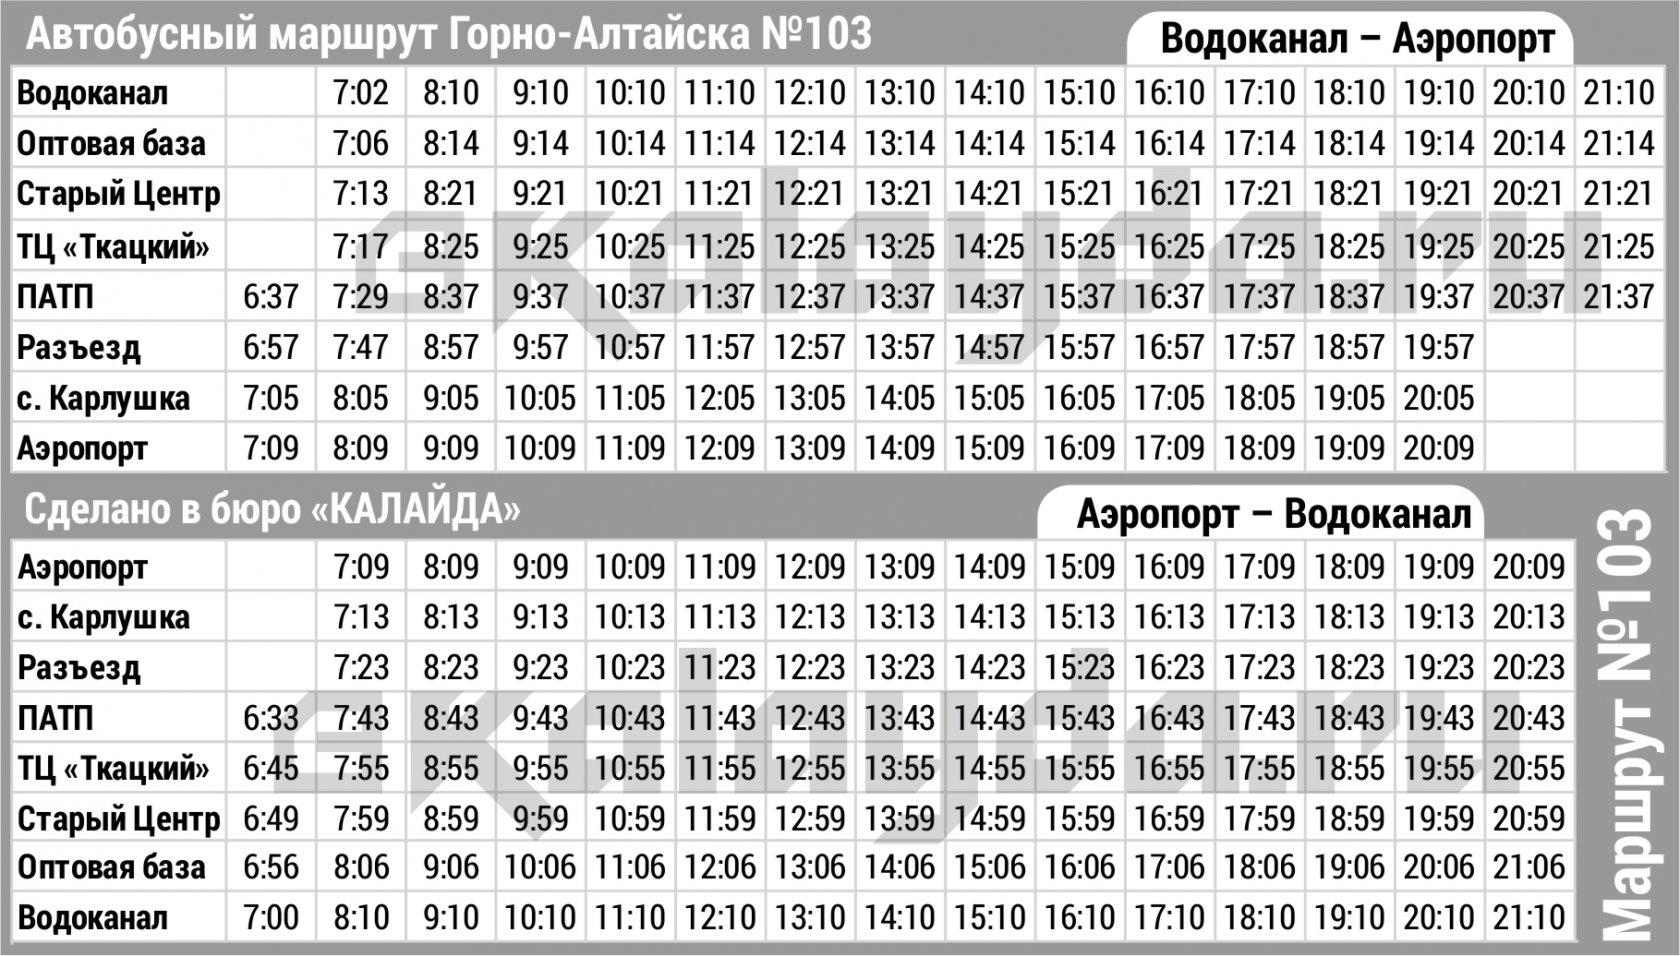 Также вы можете сравнить ценовую политику на предложенные рейсы: от самого дешевого билета до самого дорогого.